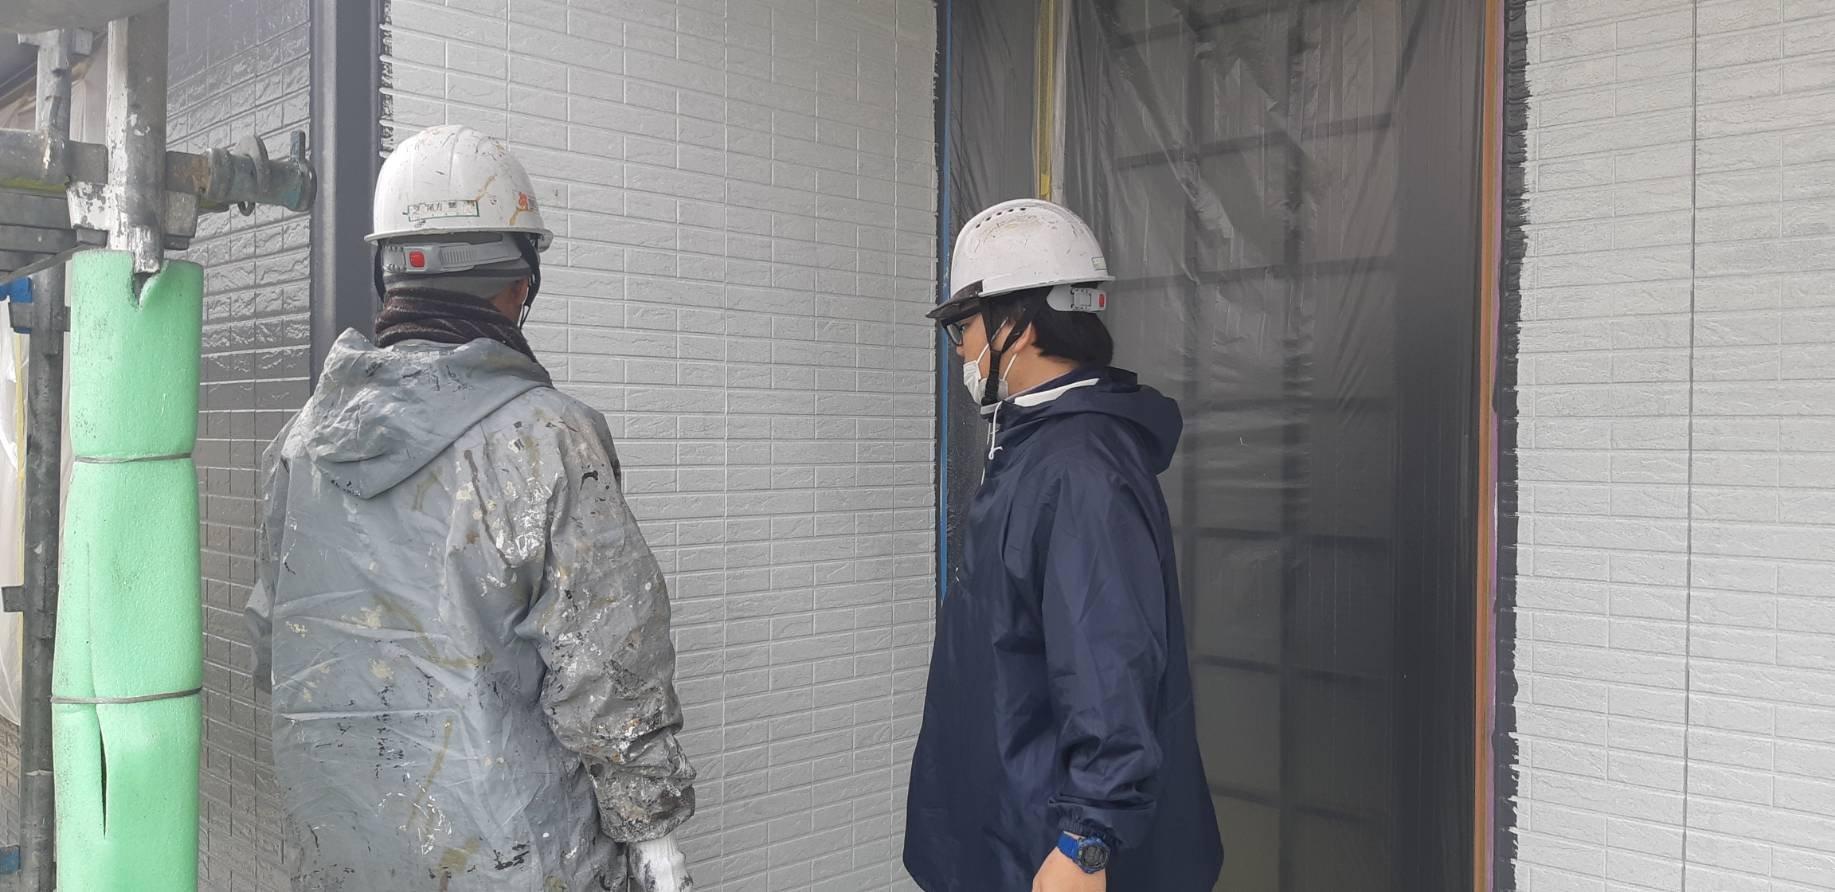 福岡県北九州市八幡西区T様邸施工4日目中間検査外壁中塗り作業